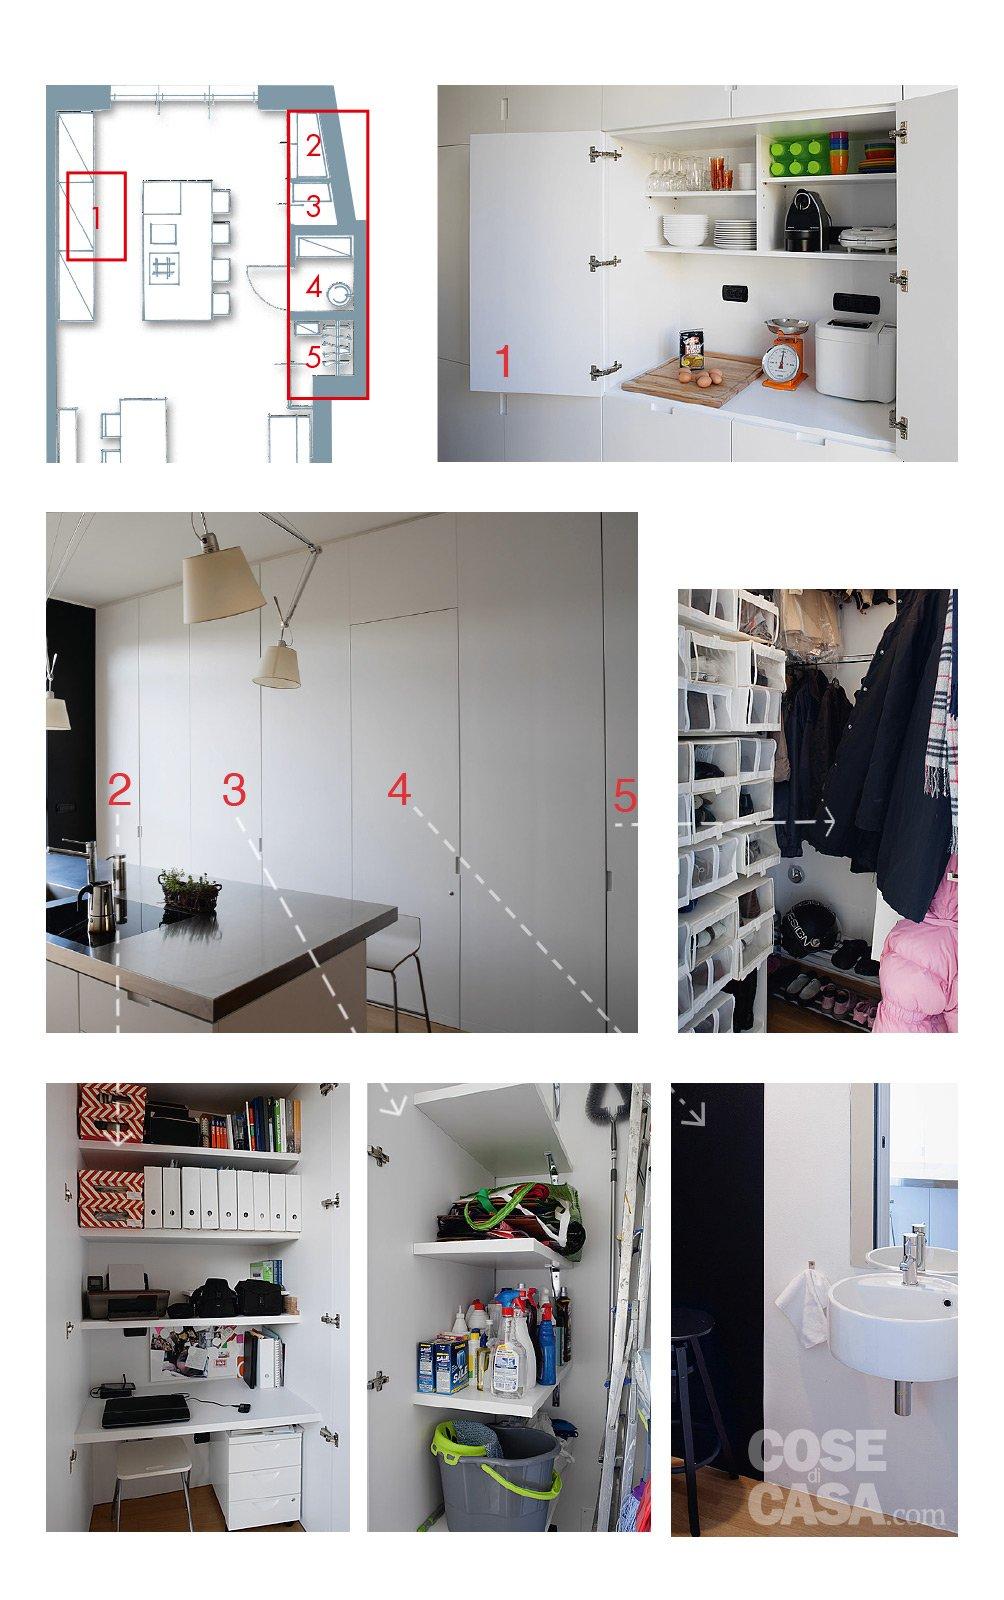 60 50 mq: una casa con elementi a scomparsa   cose di casa